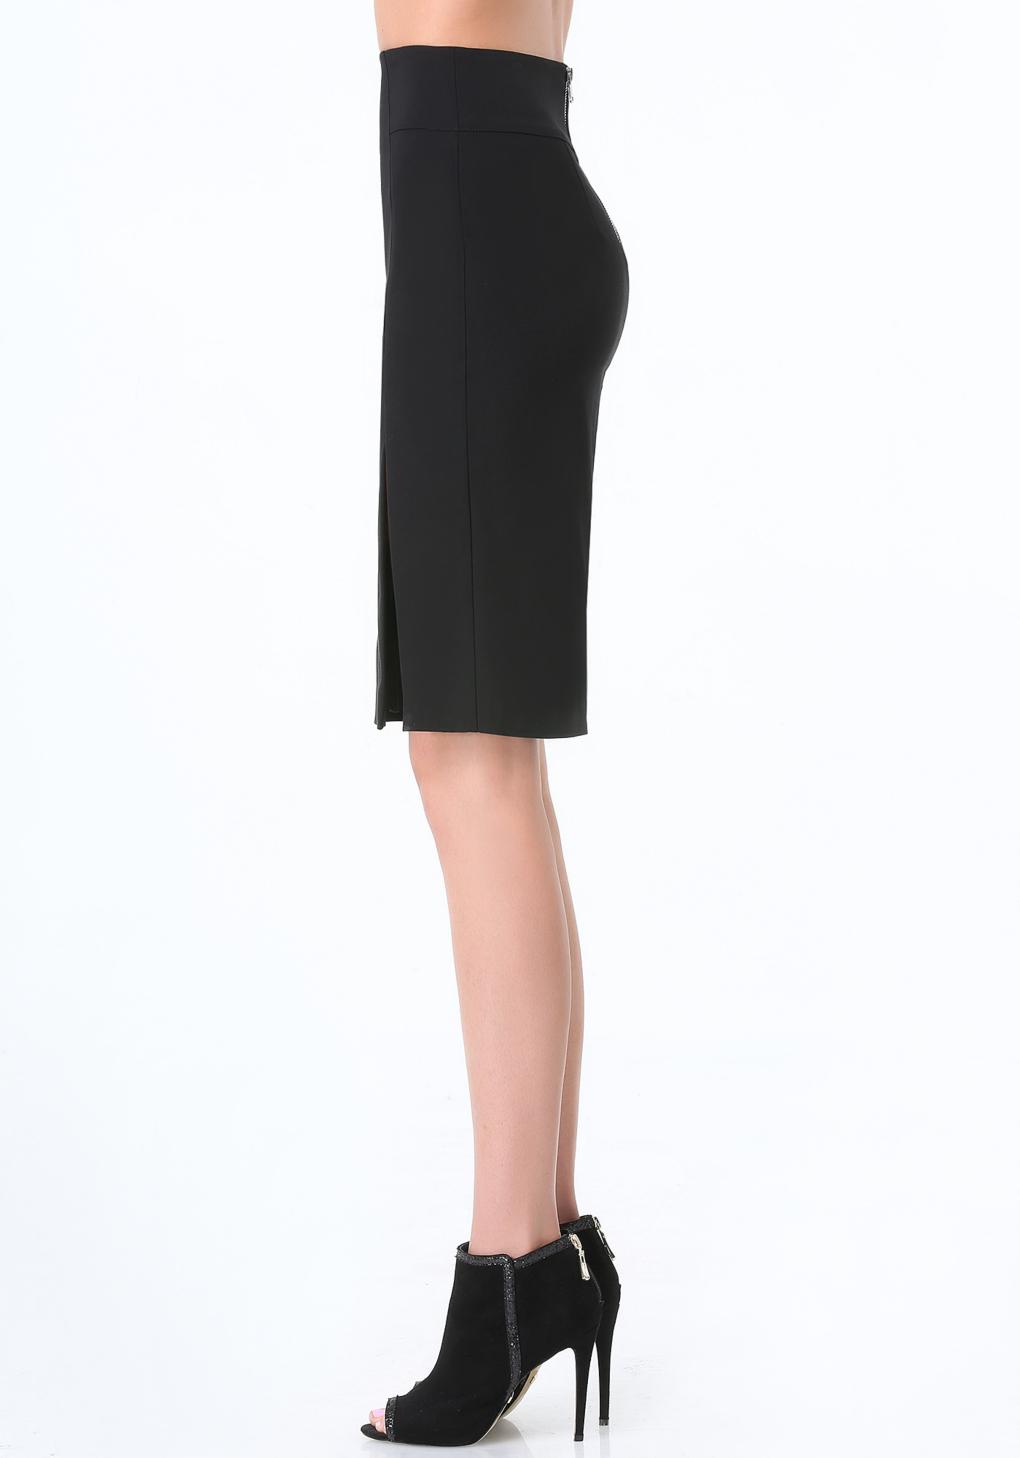 bebe josie pencil skirt in black lyst